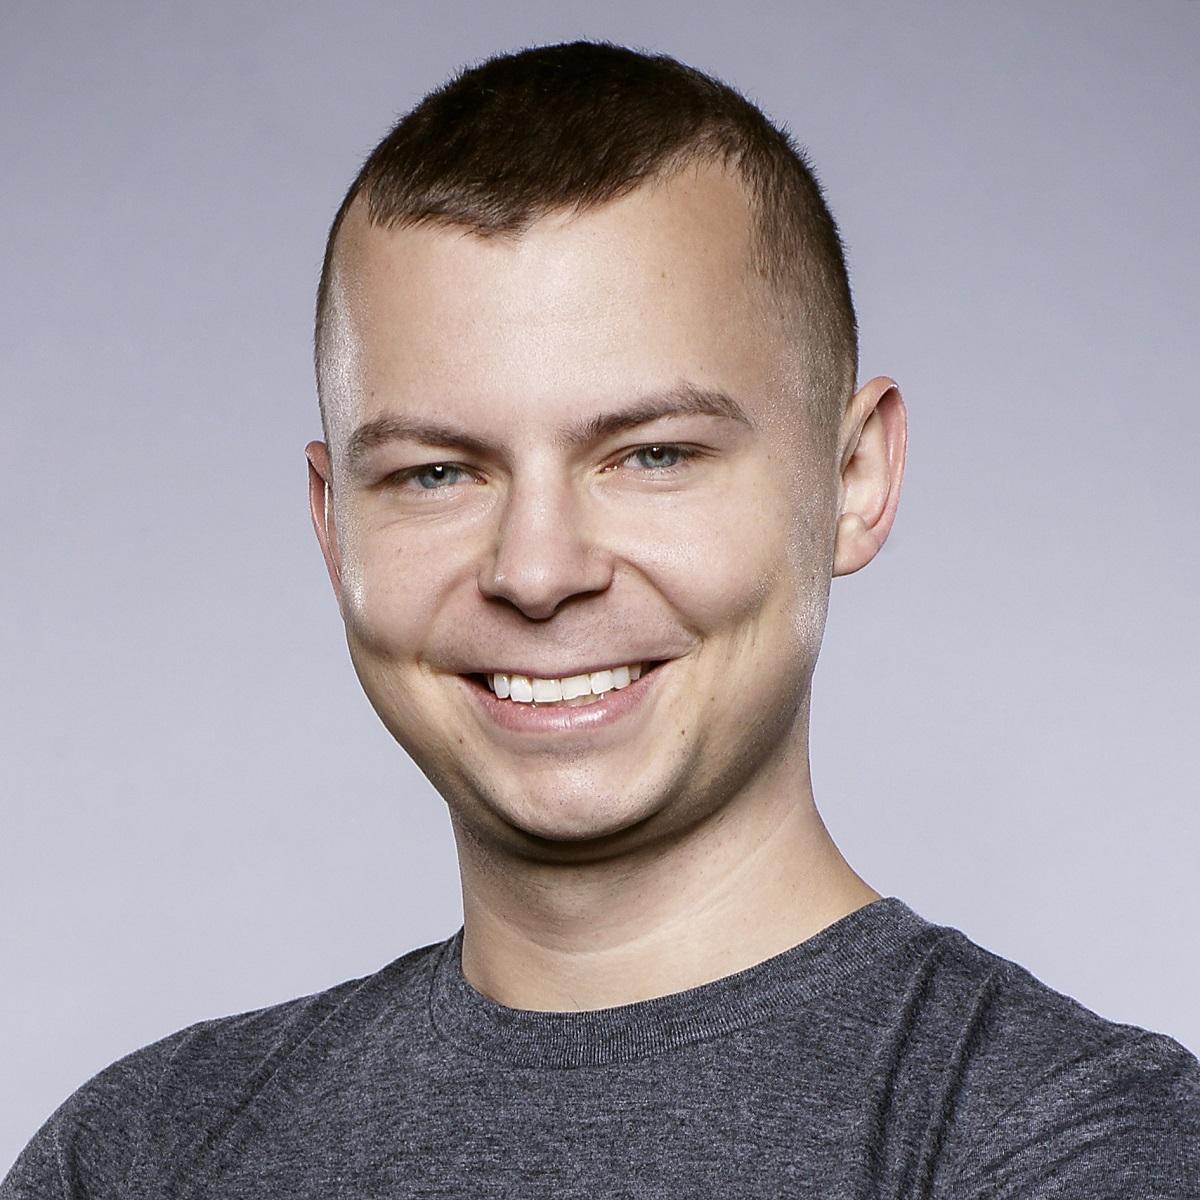 Tomasz Stachlewski